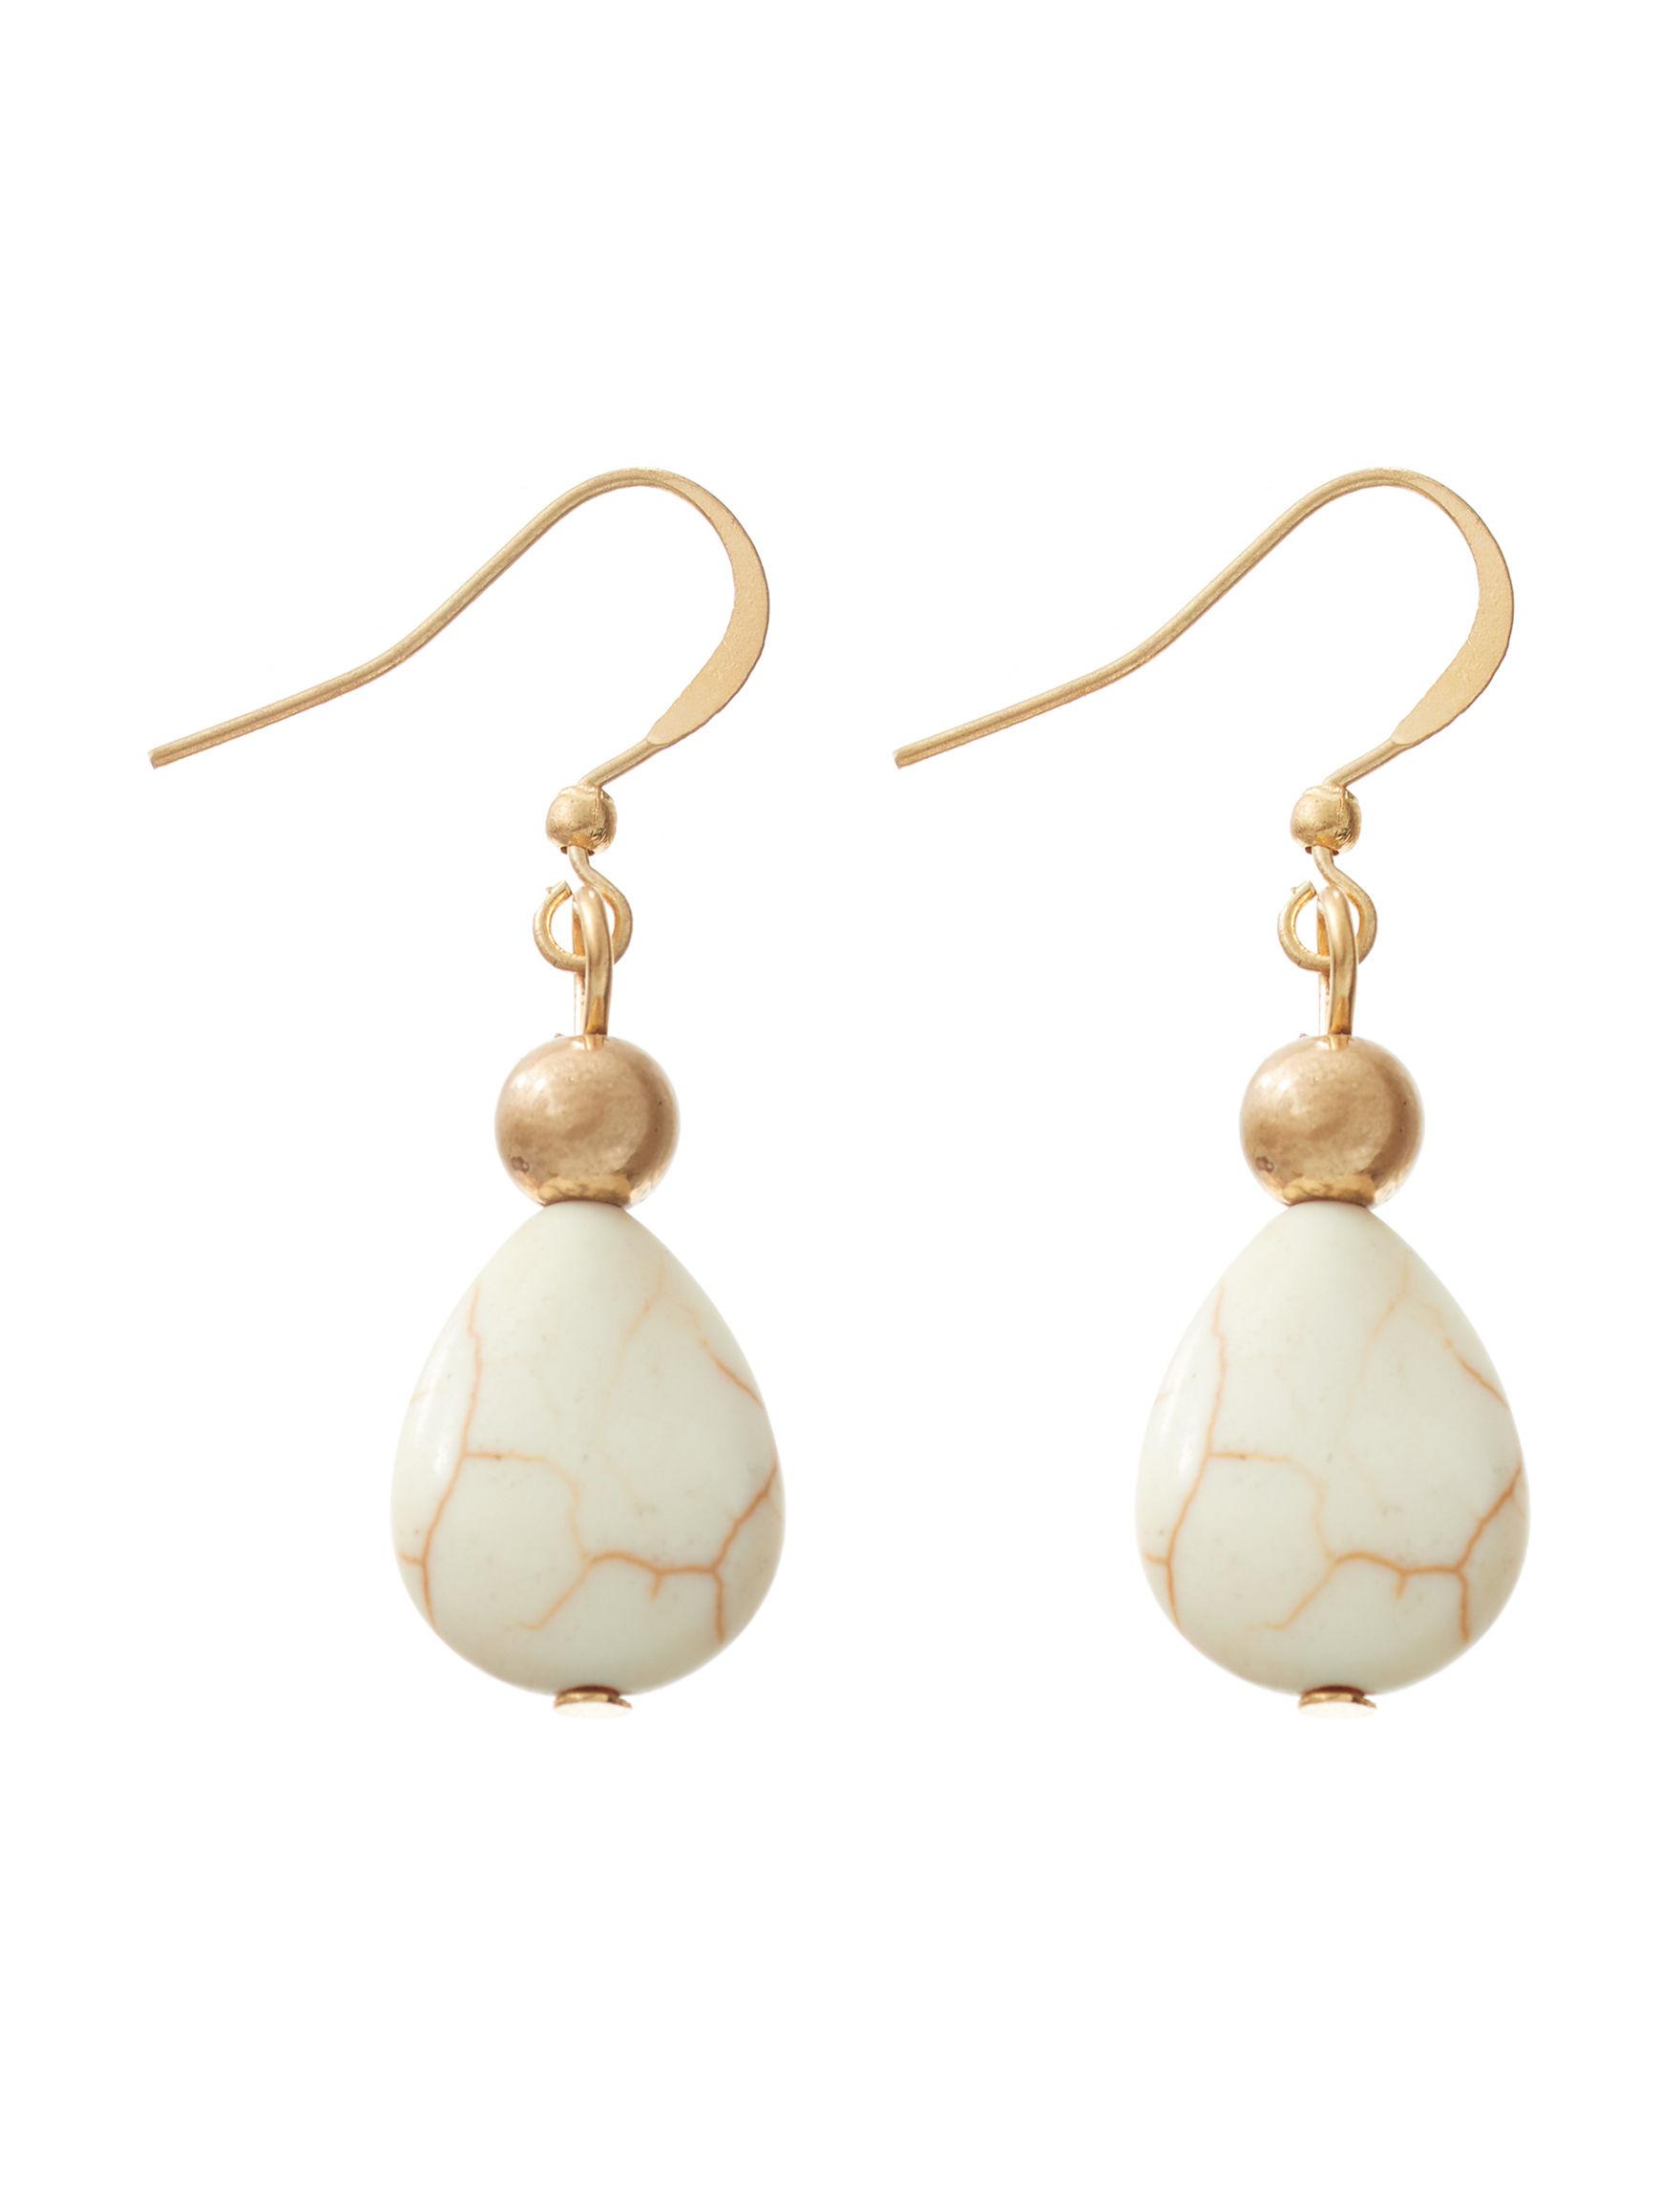 Hannah Gold / Beige Drops Earrings Fashion Jewelry